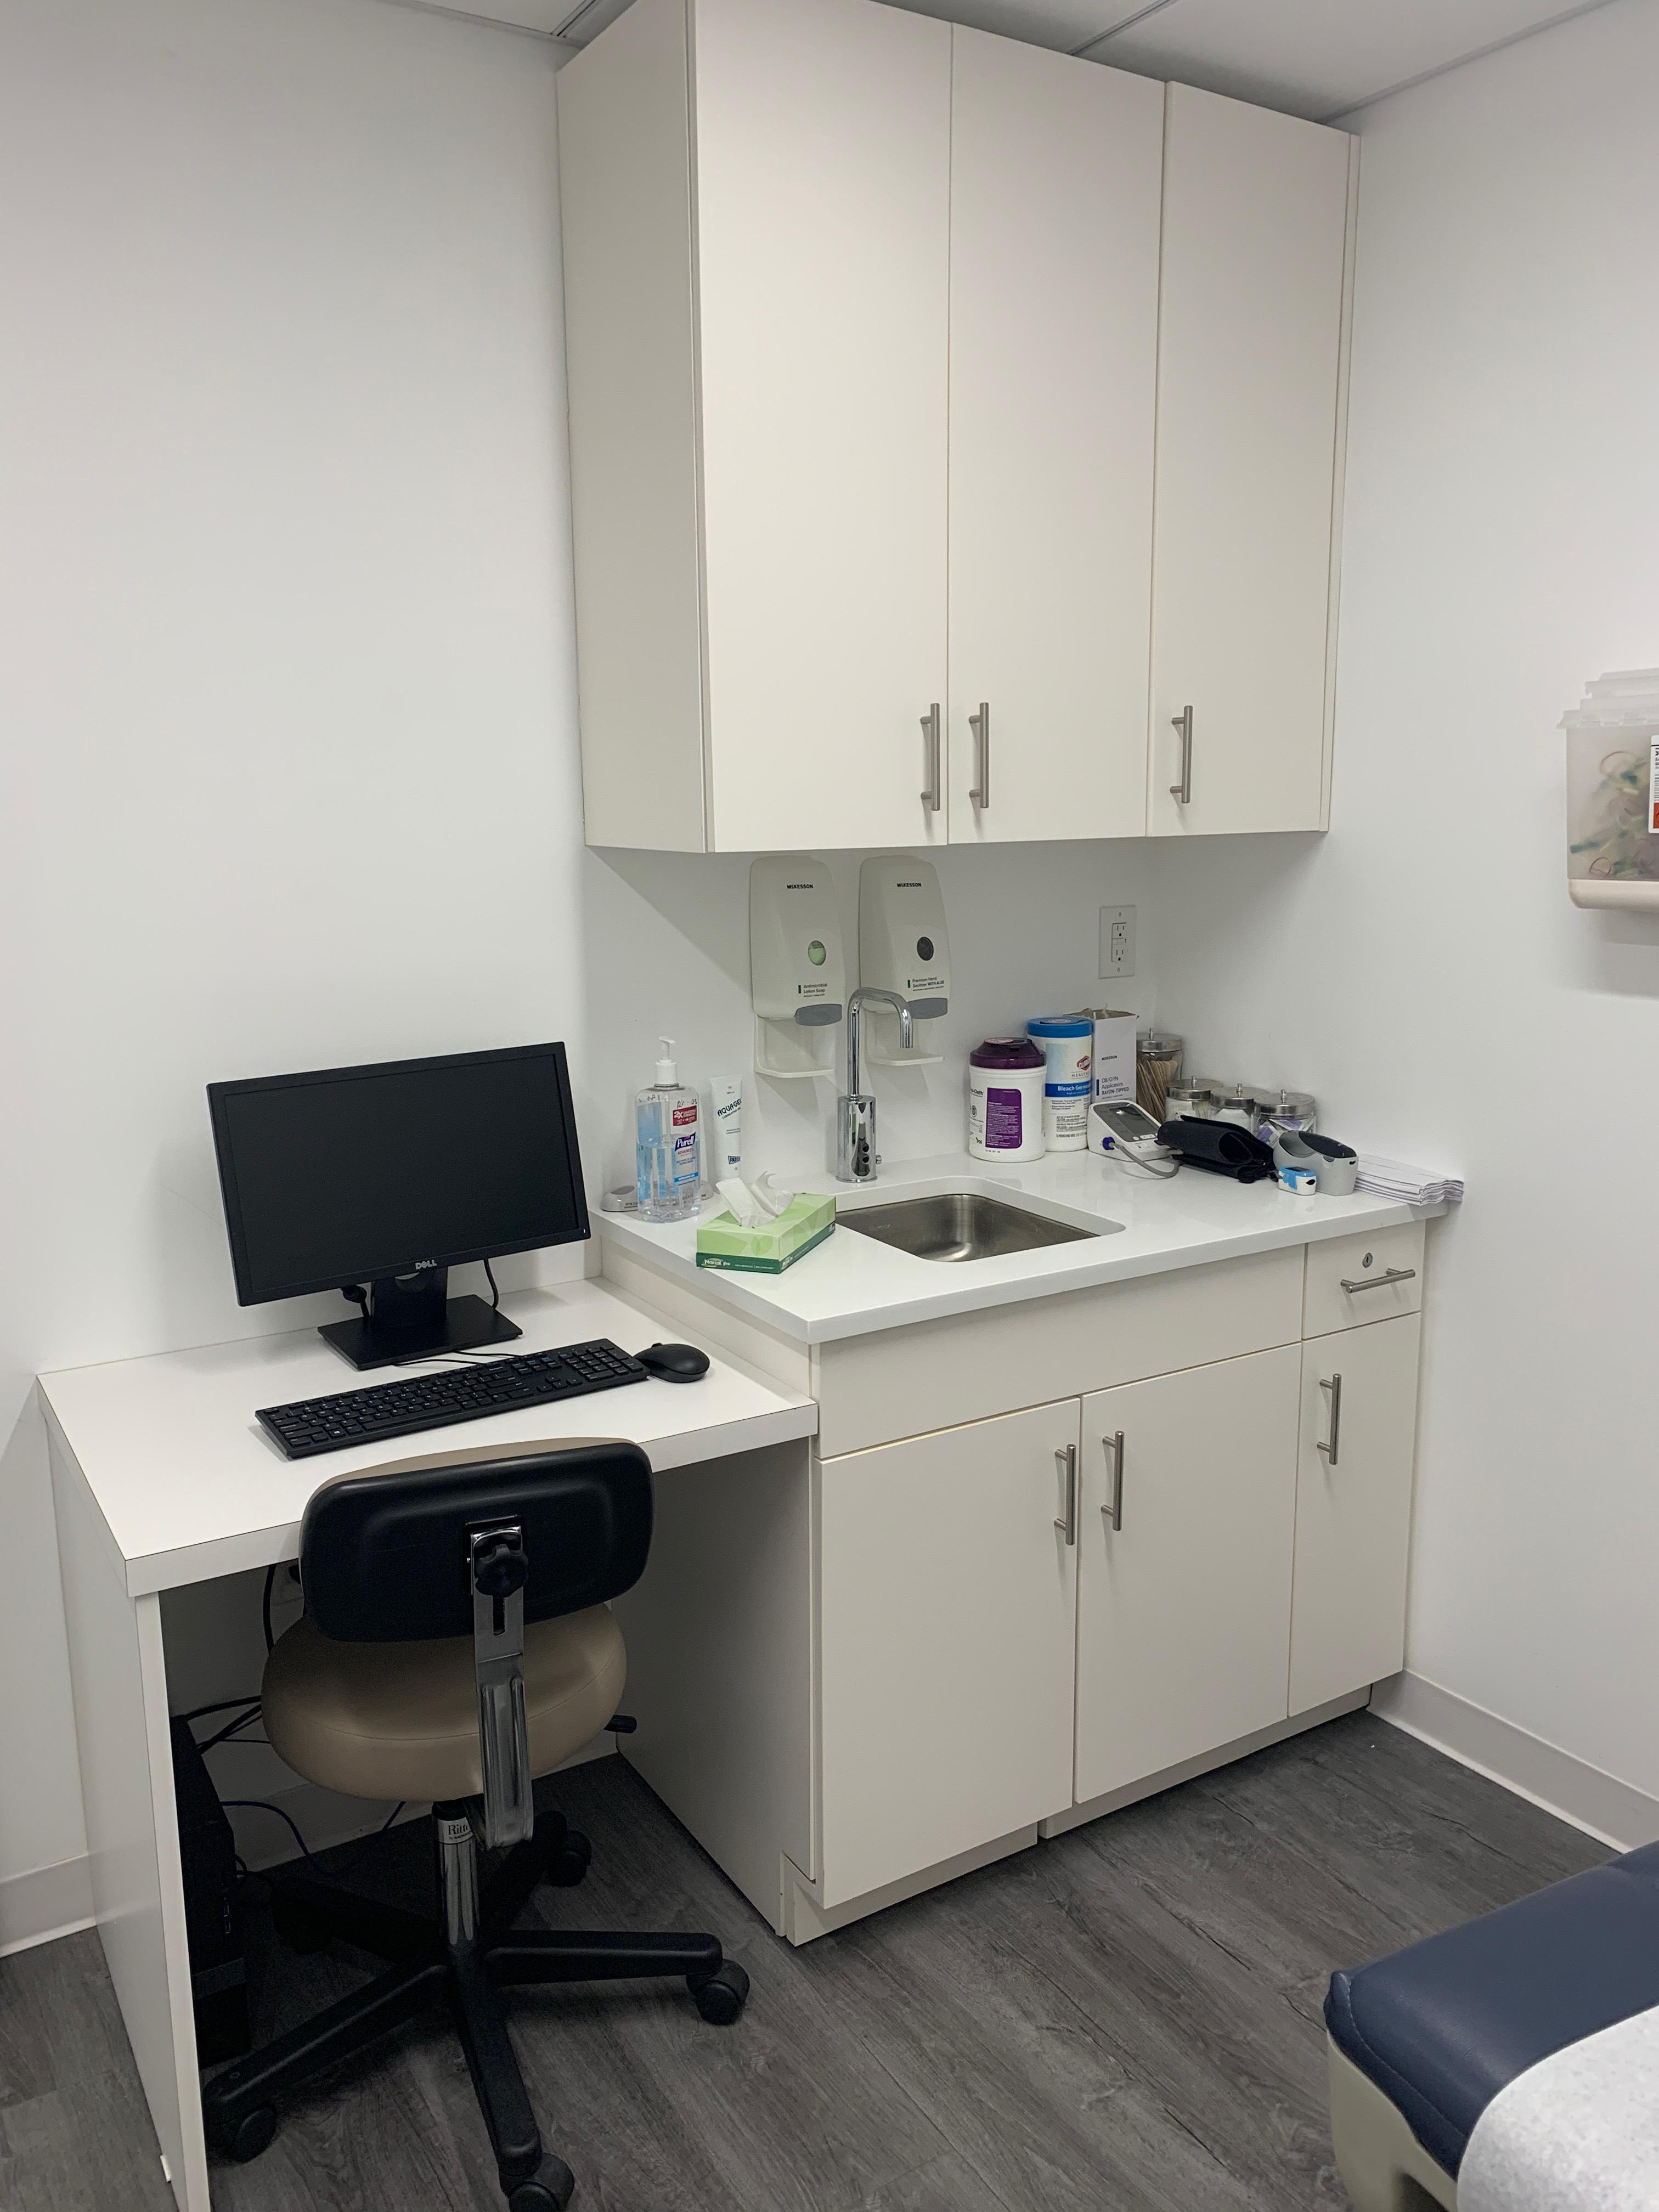 Maiden Lane Medical Upper East Side image 3